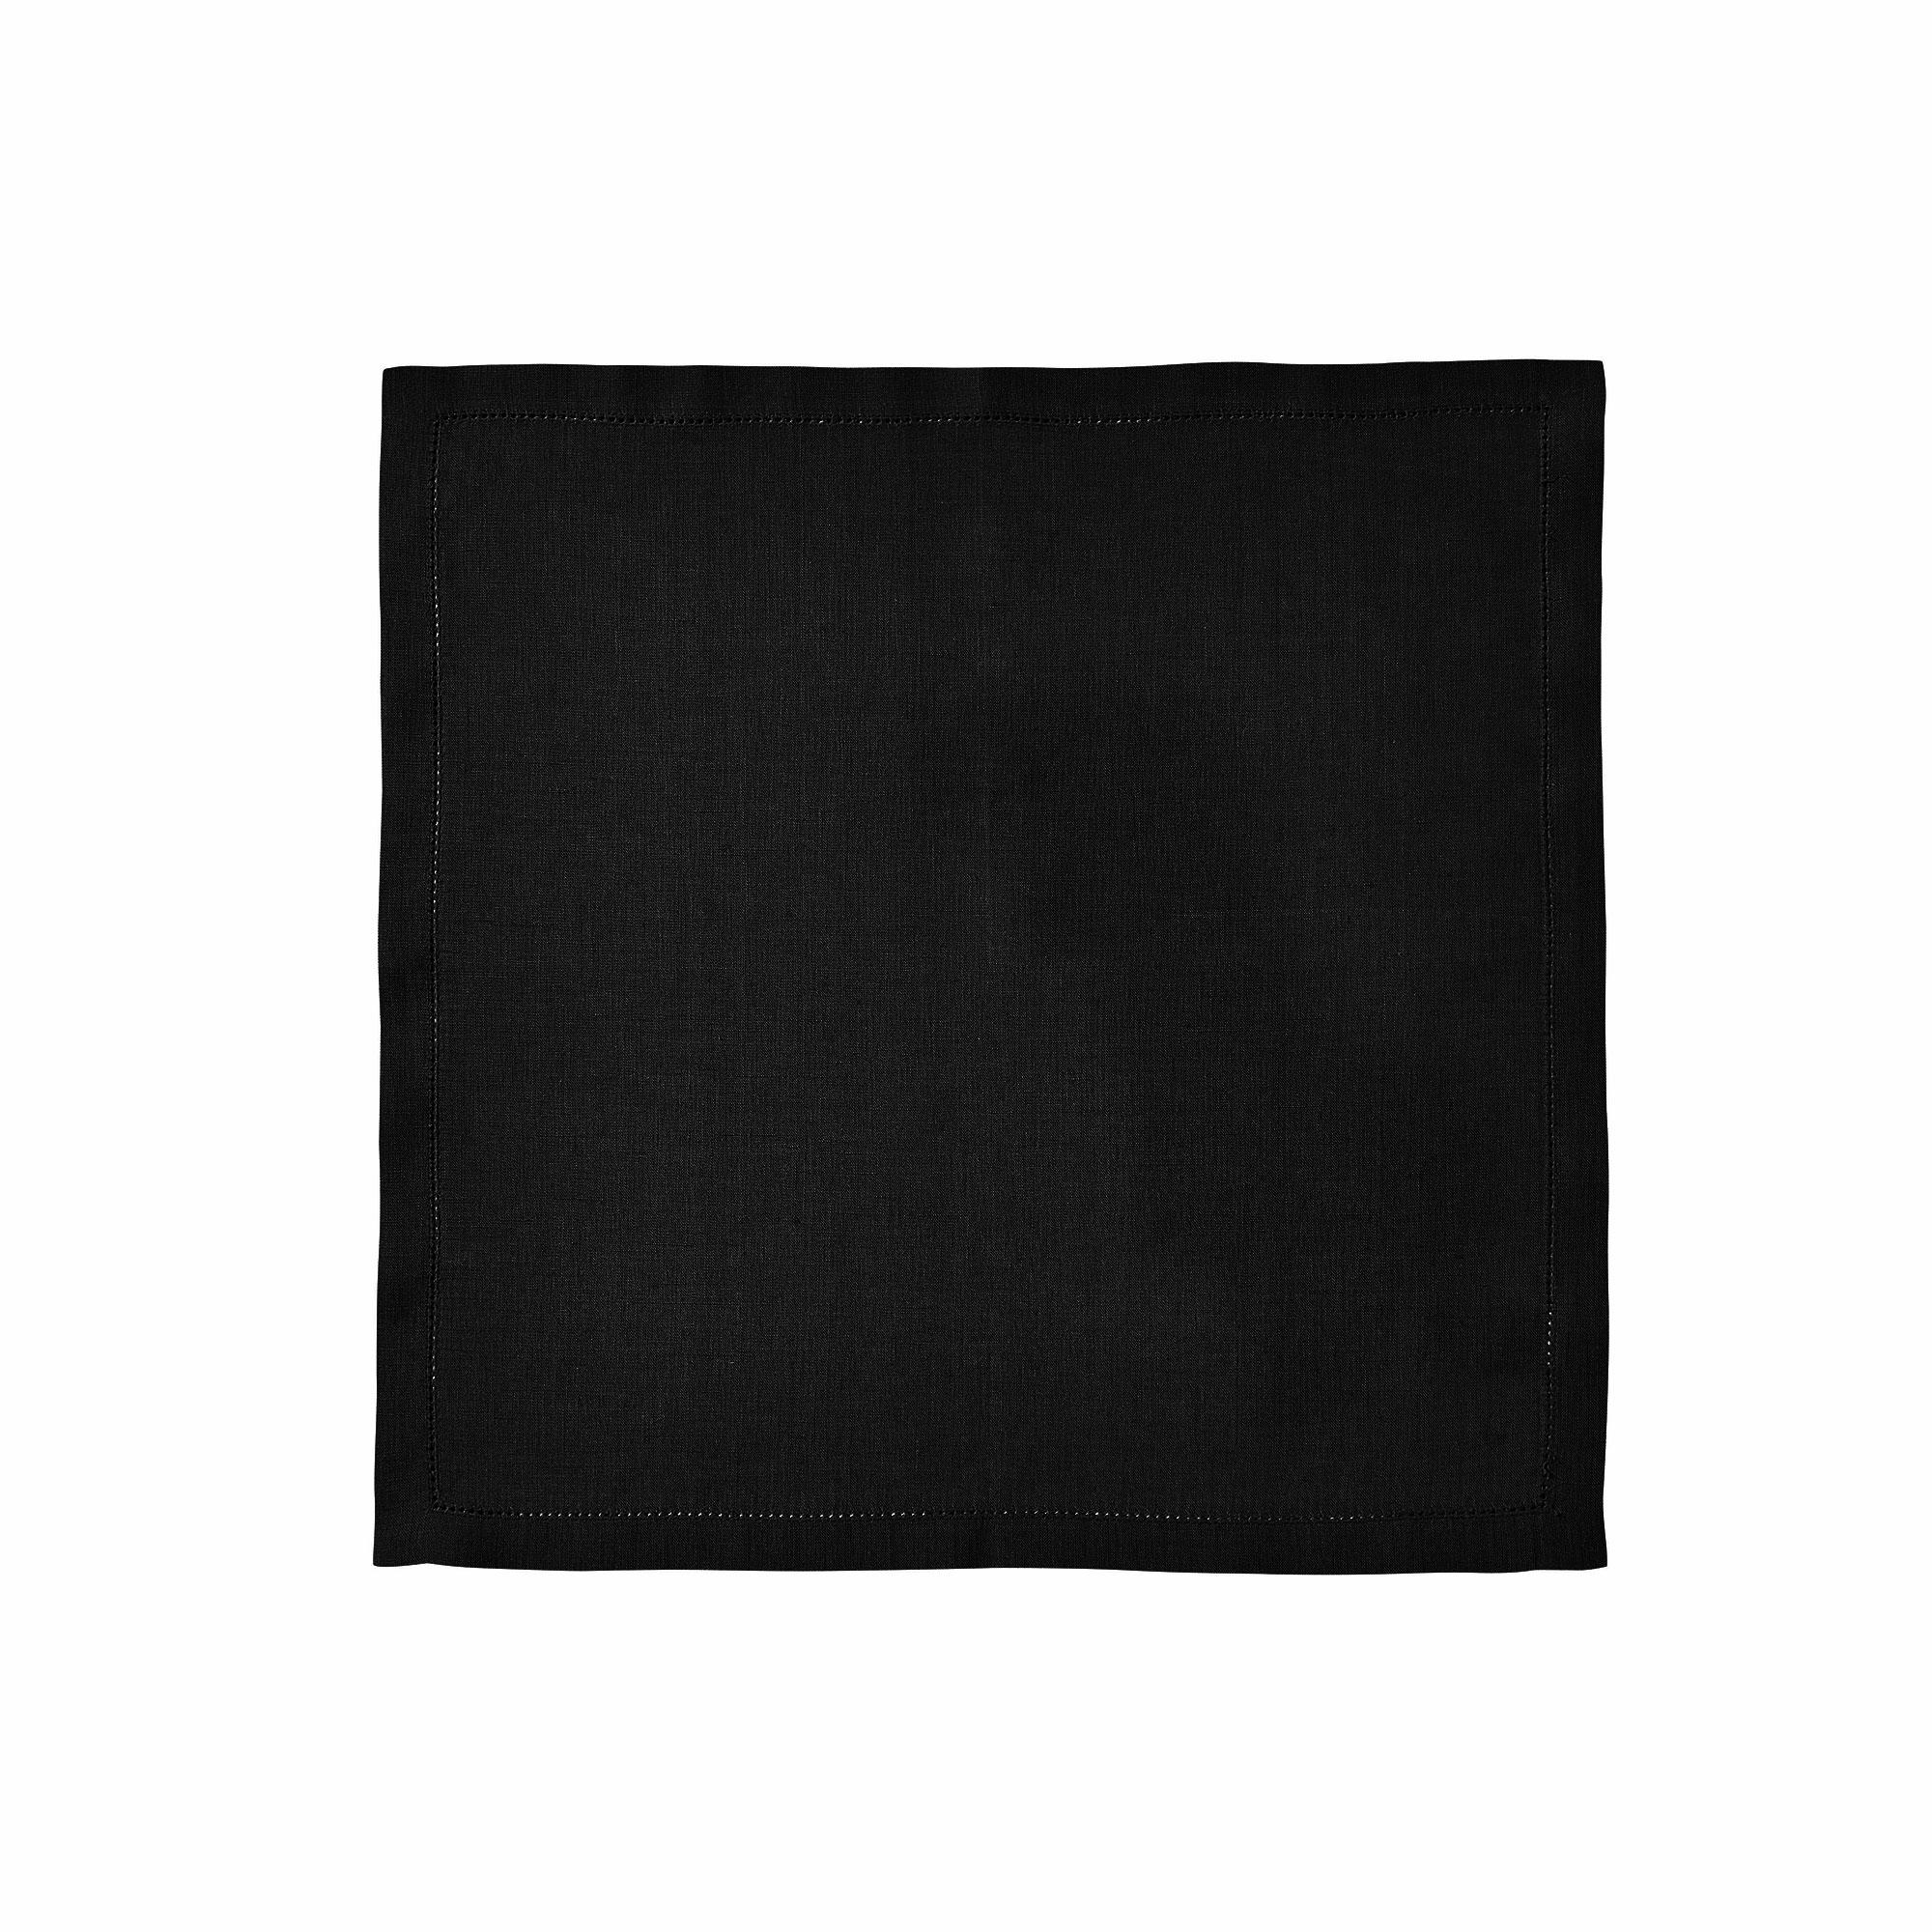 Serviette de table en lin noir 45x45